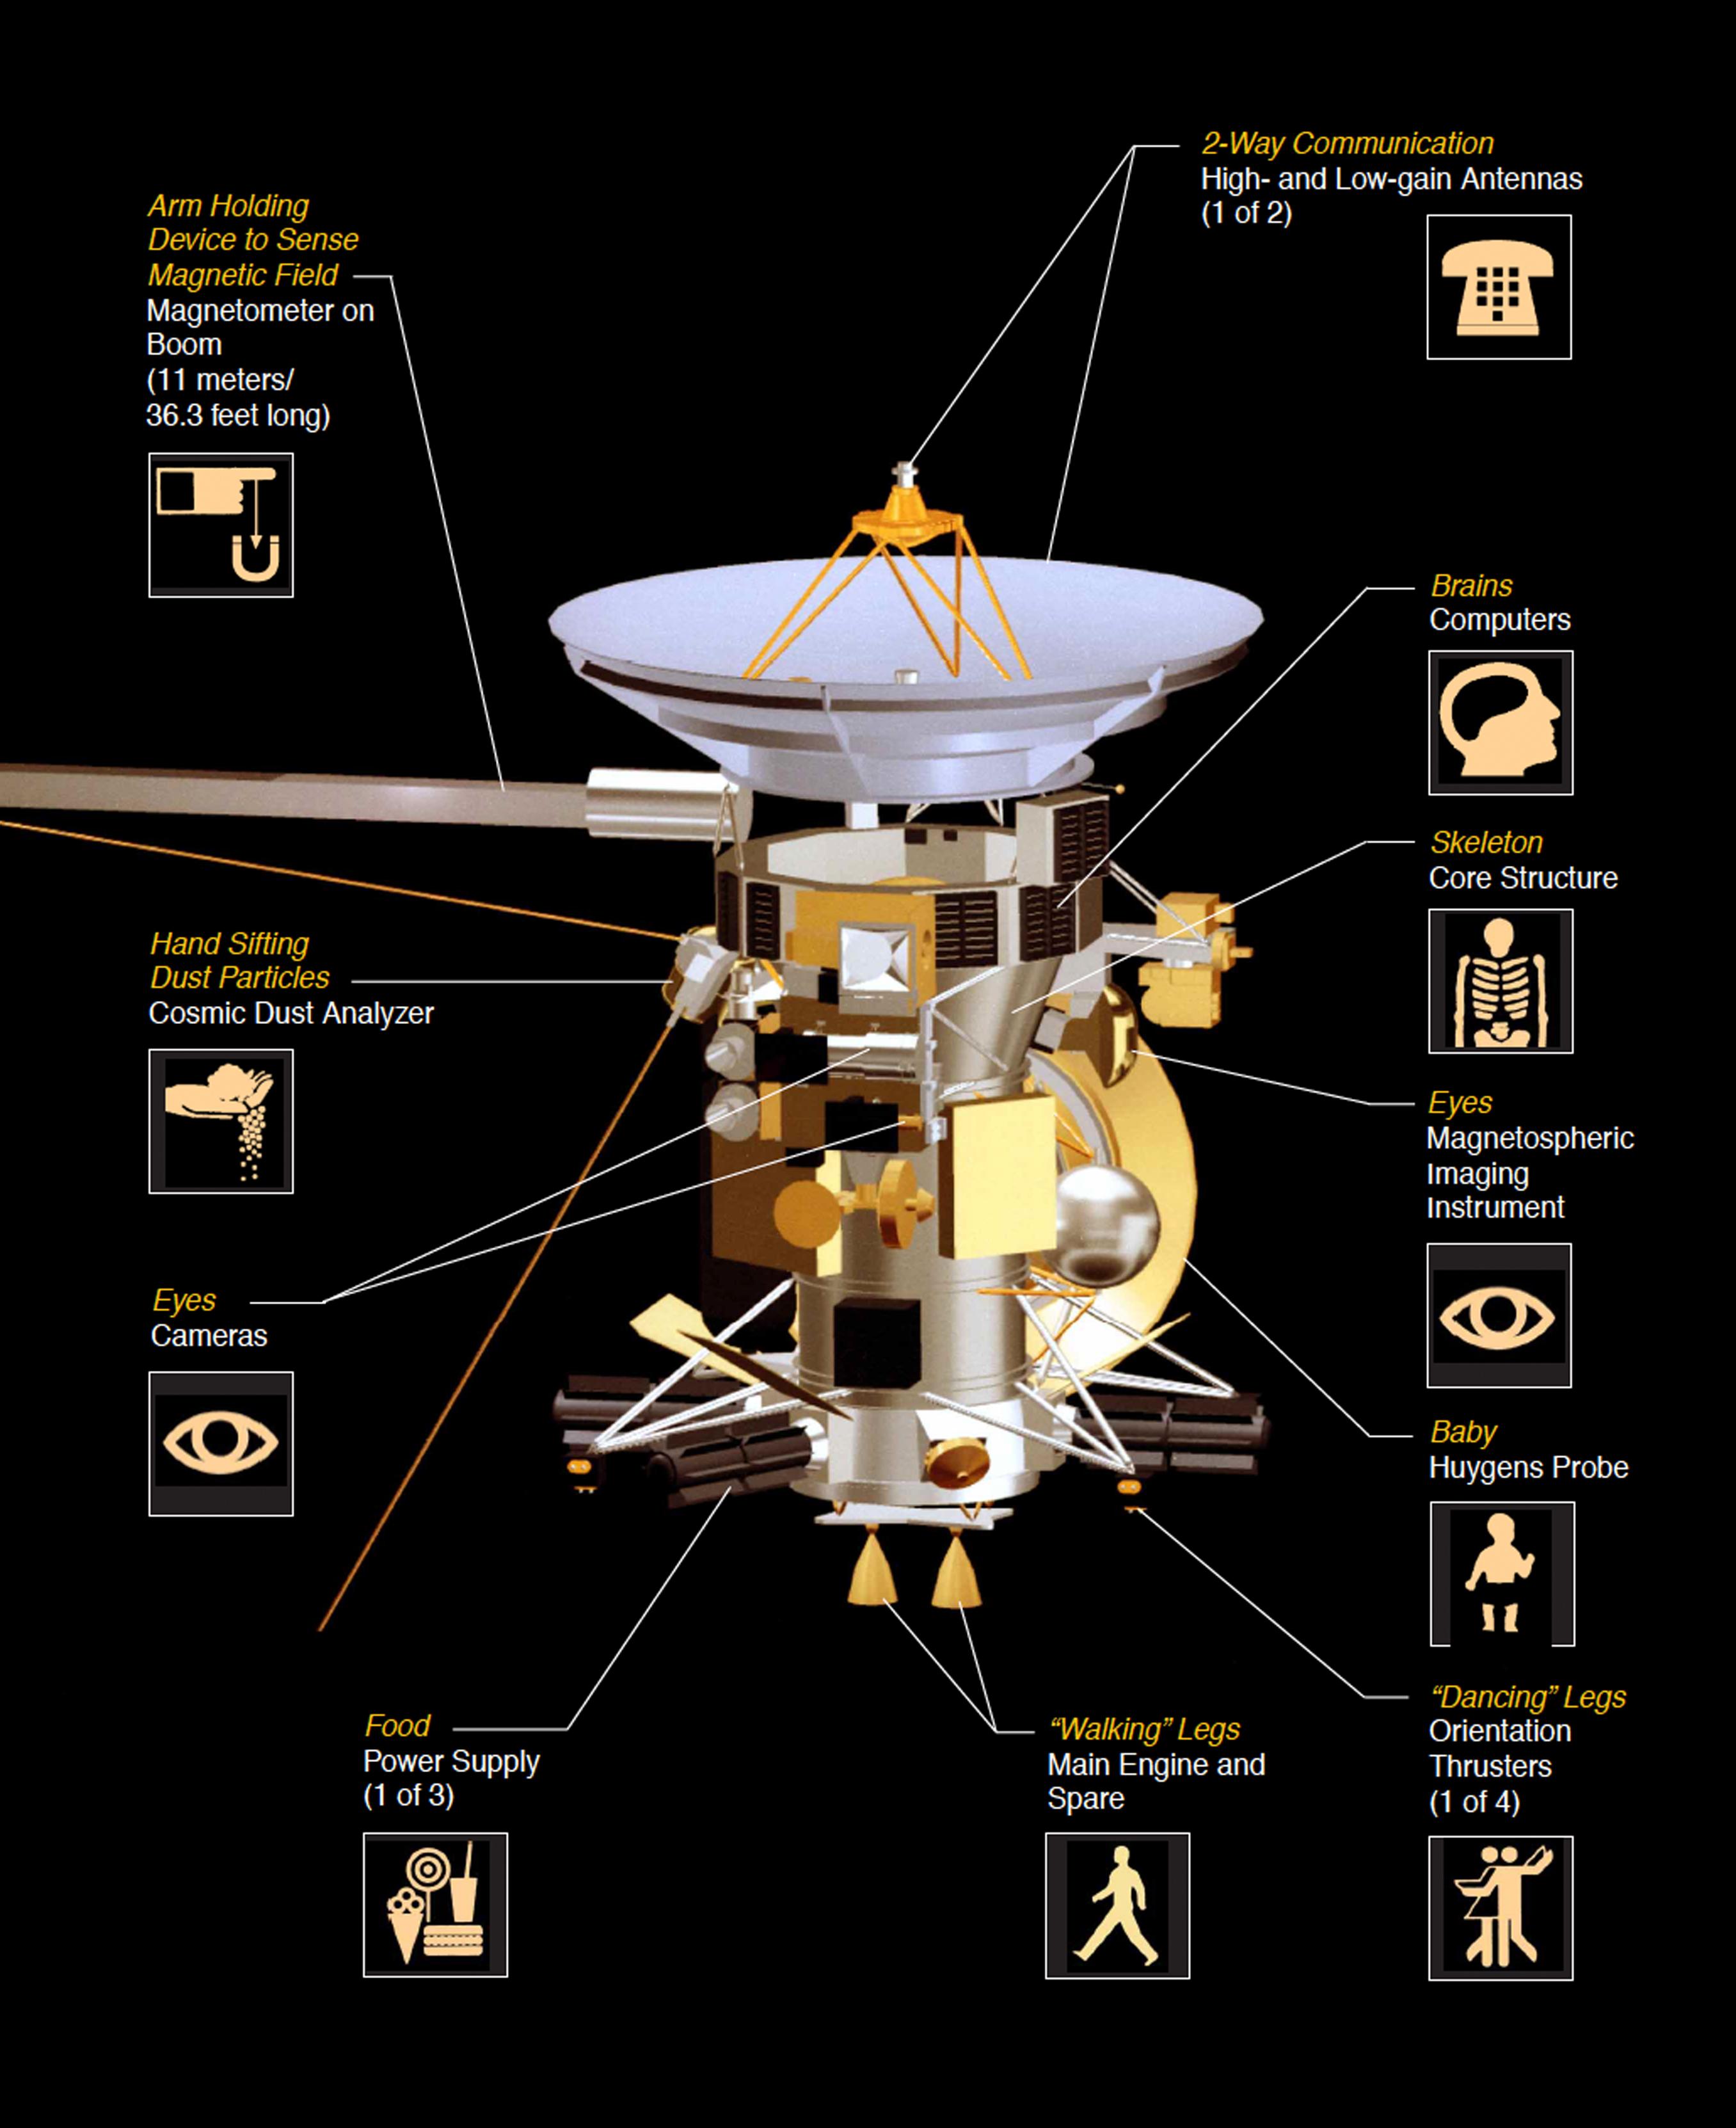 Diagram of the Cassini spacecraft